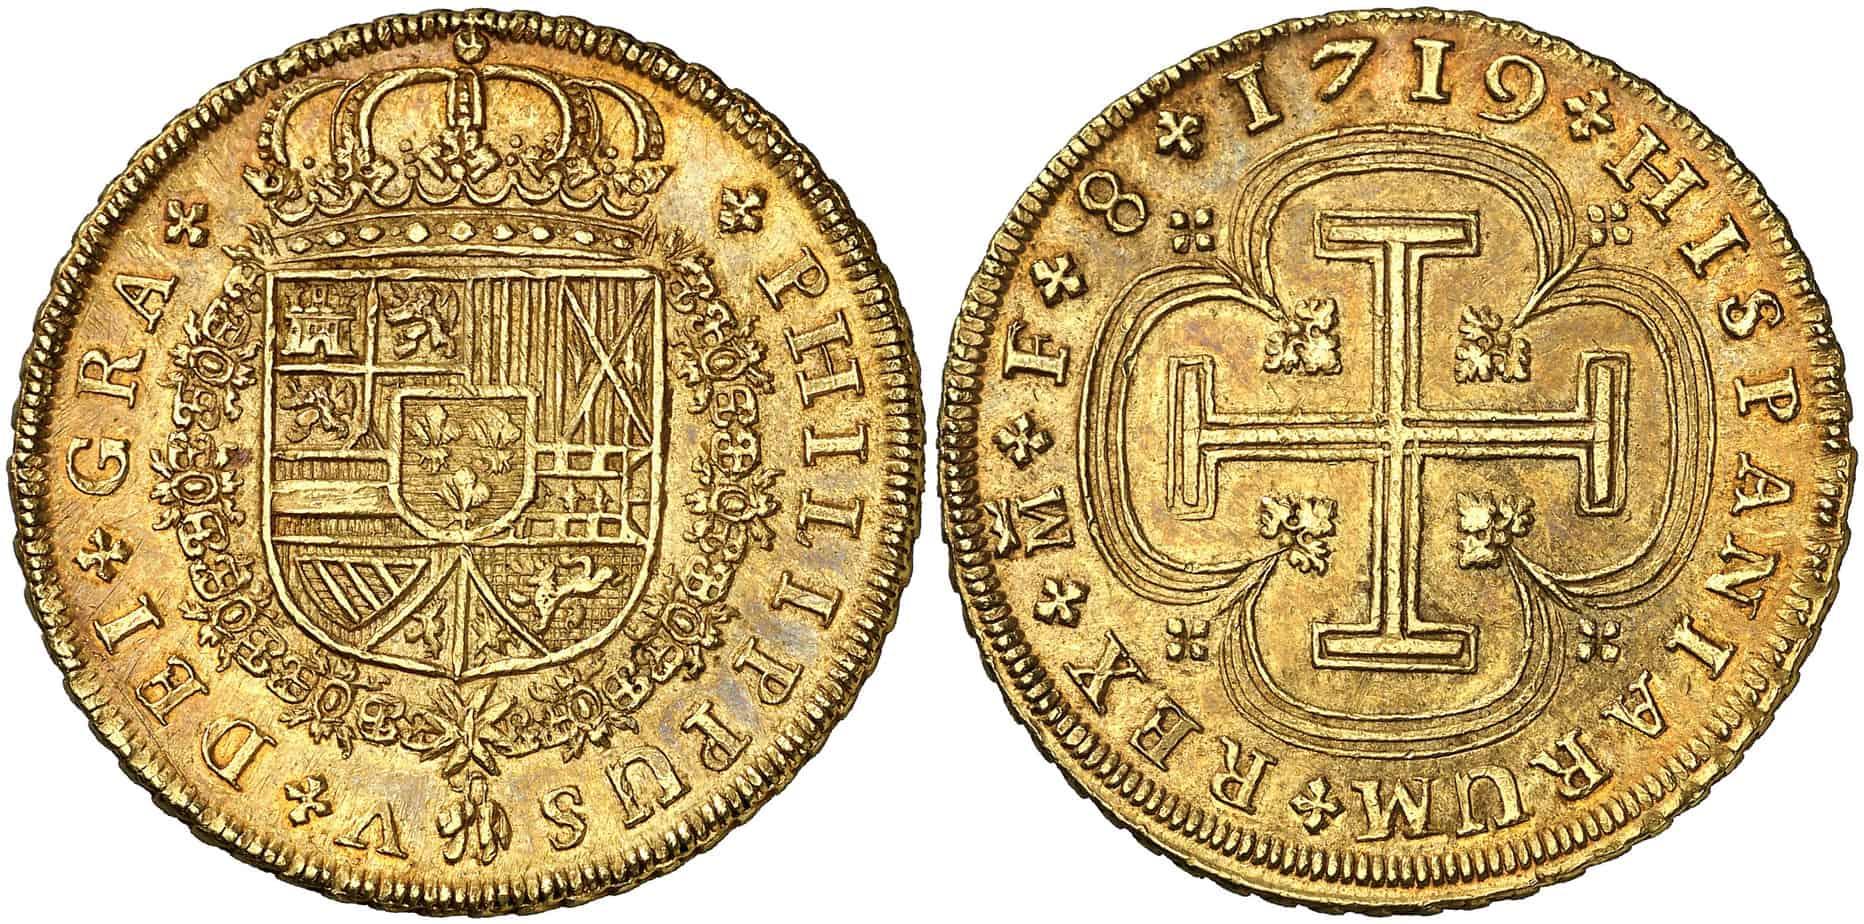 onza madrileña de 1719